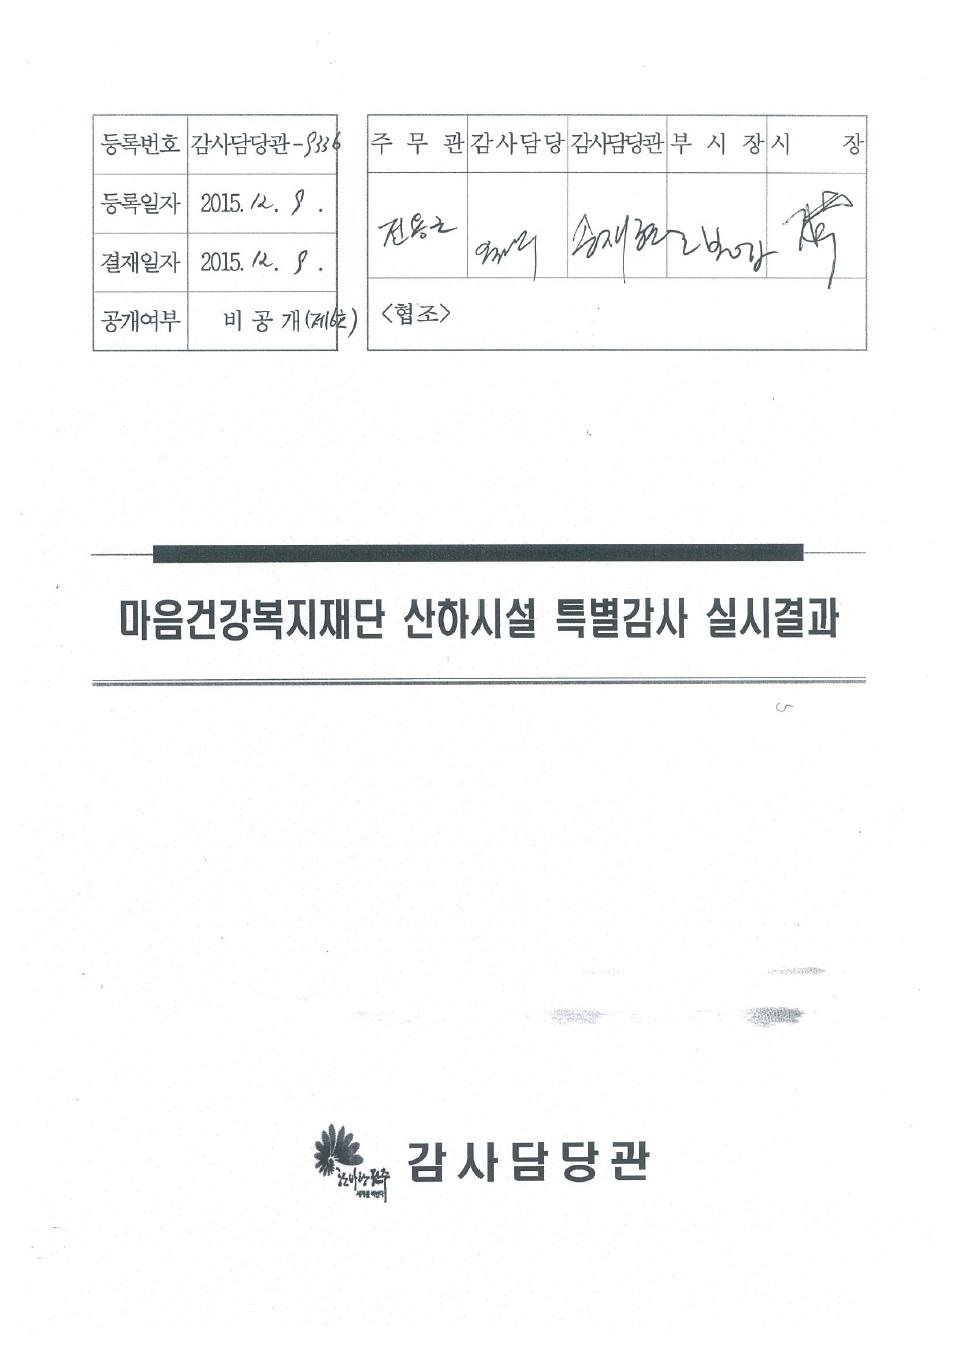 마음건강복지재단 산하시설 특별감사 실시결과 표지.jpg